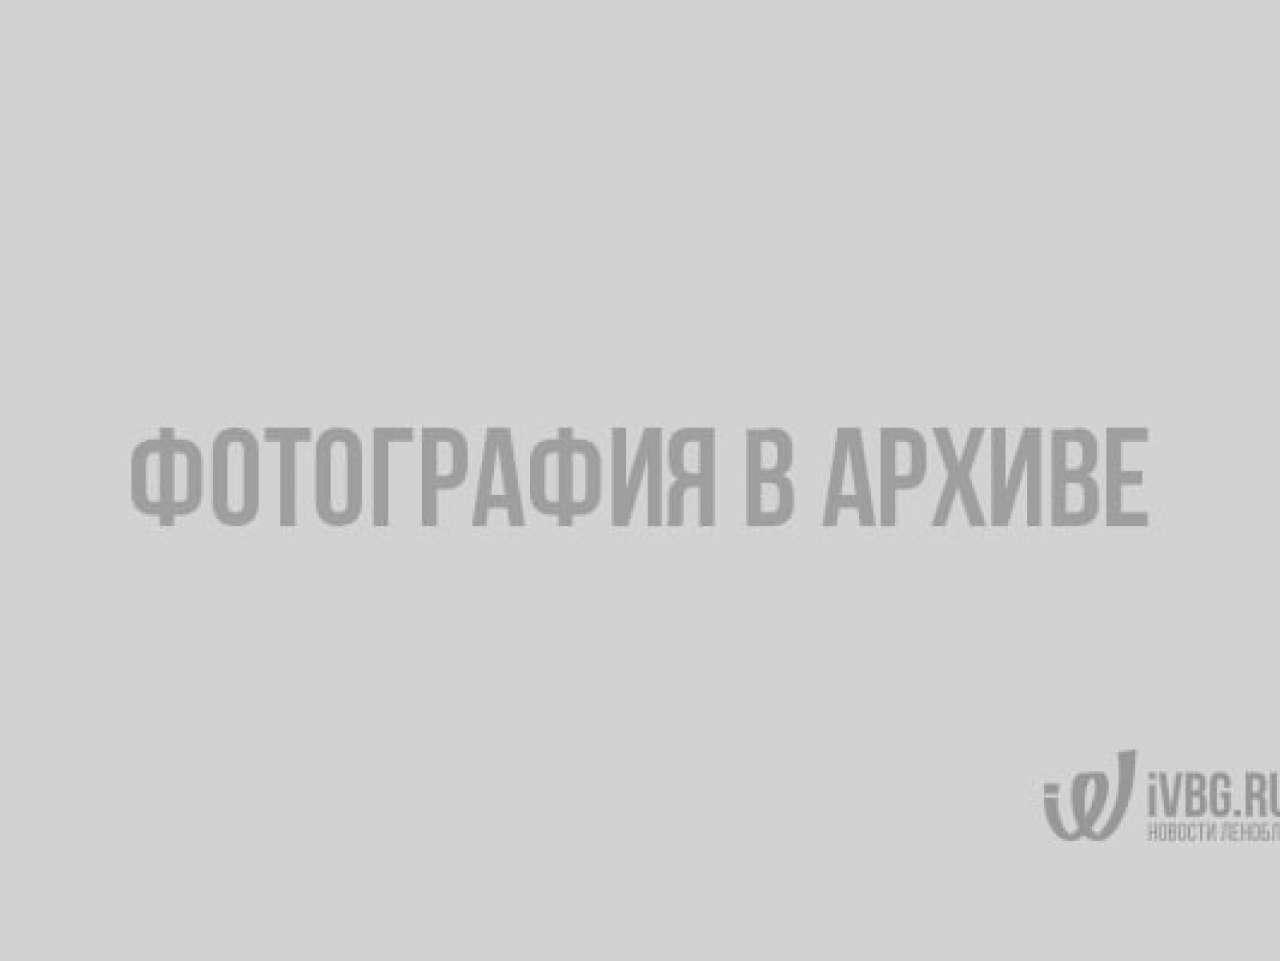 Жители Разметелево написали на мешках с мусором «Навальный», чтобы их быстрее убрали Свалки, Разметелево, Ленобласть, Всеволожский район